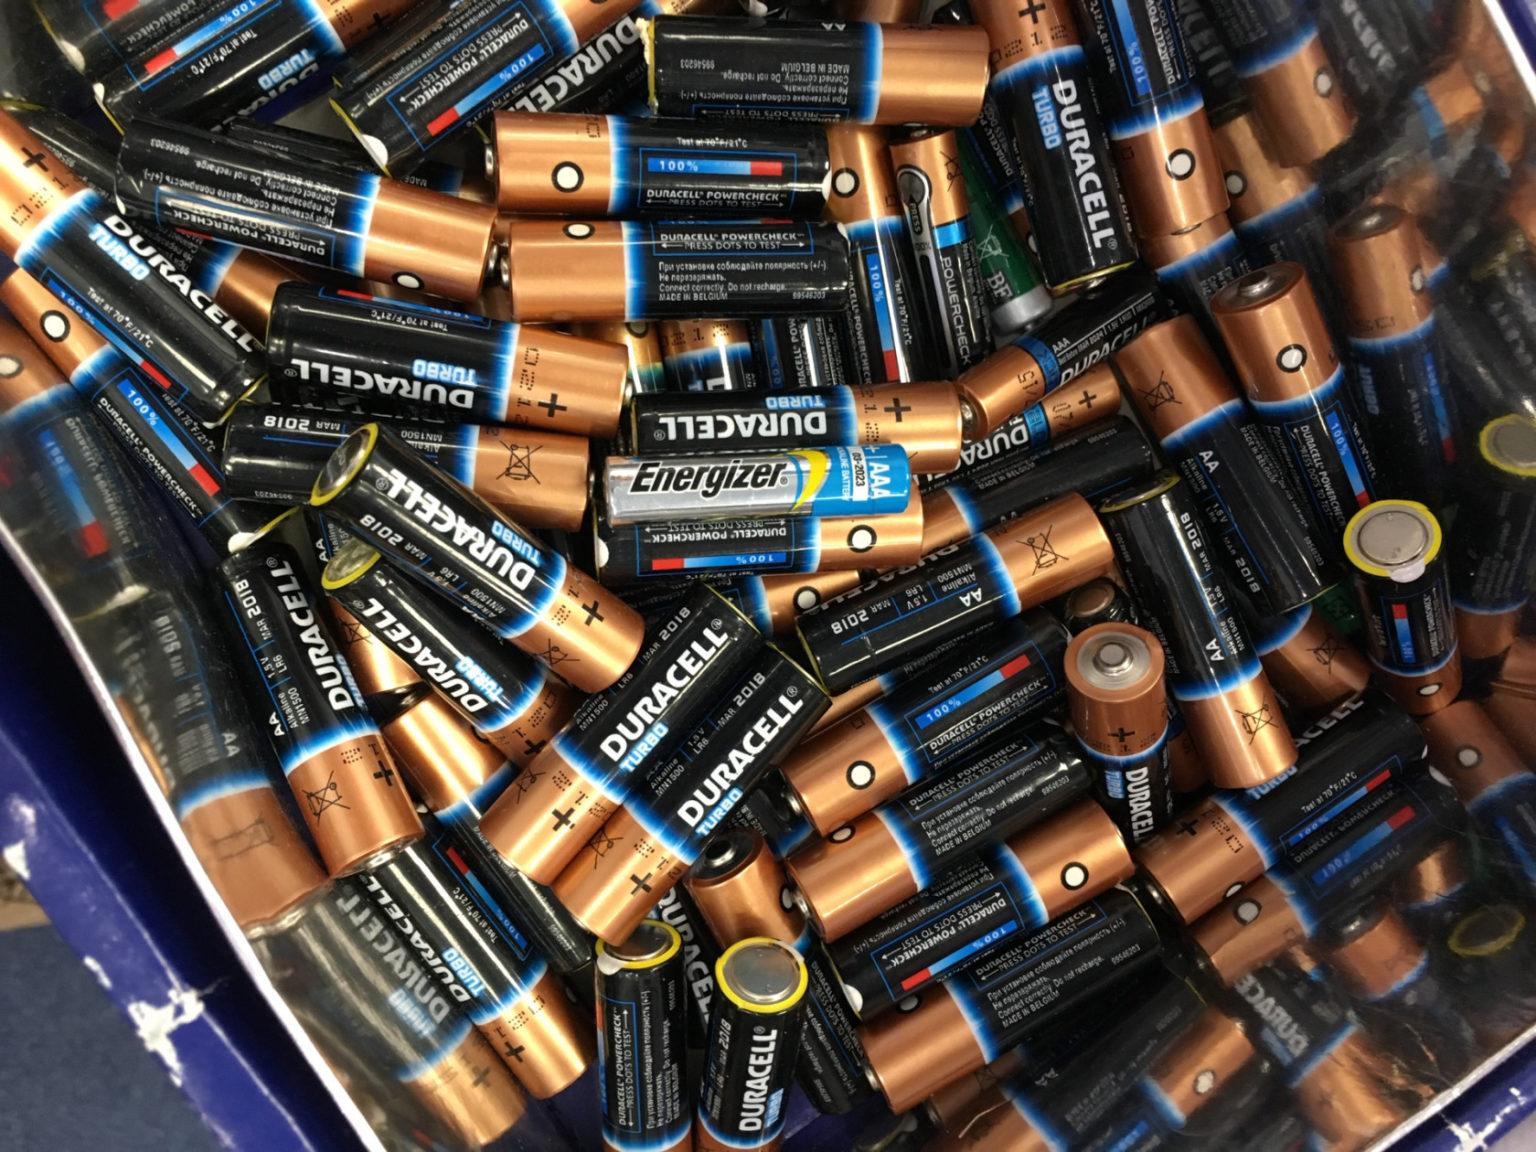 9 млн. тенге за 10 пальчиковых батареек